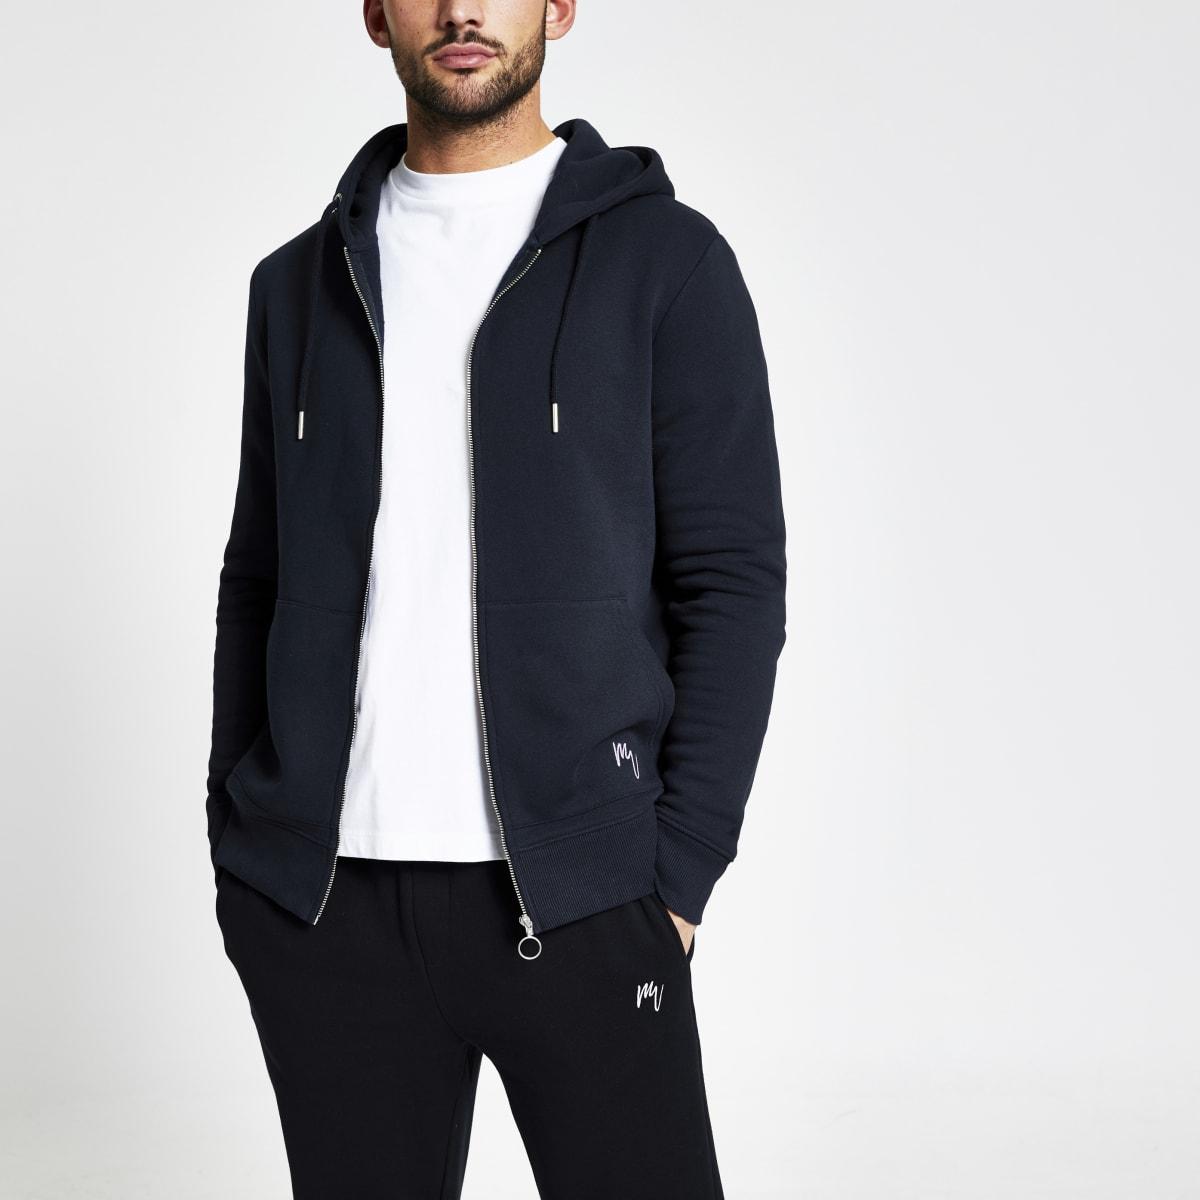 MaisonRiviera- Marineblauwe slim-fit hoodie met rits